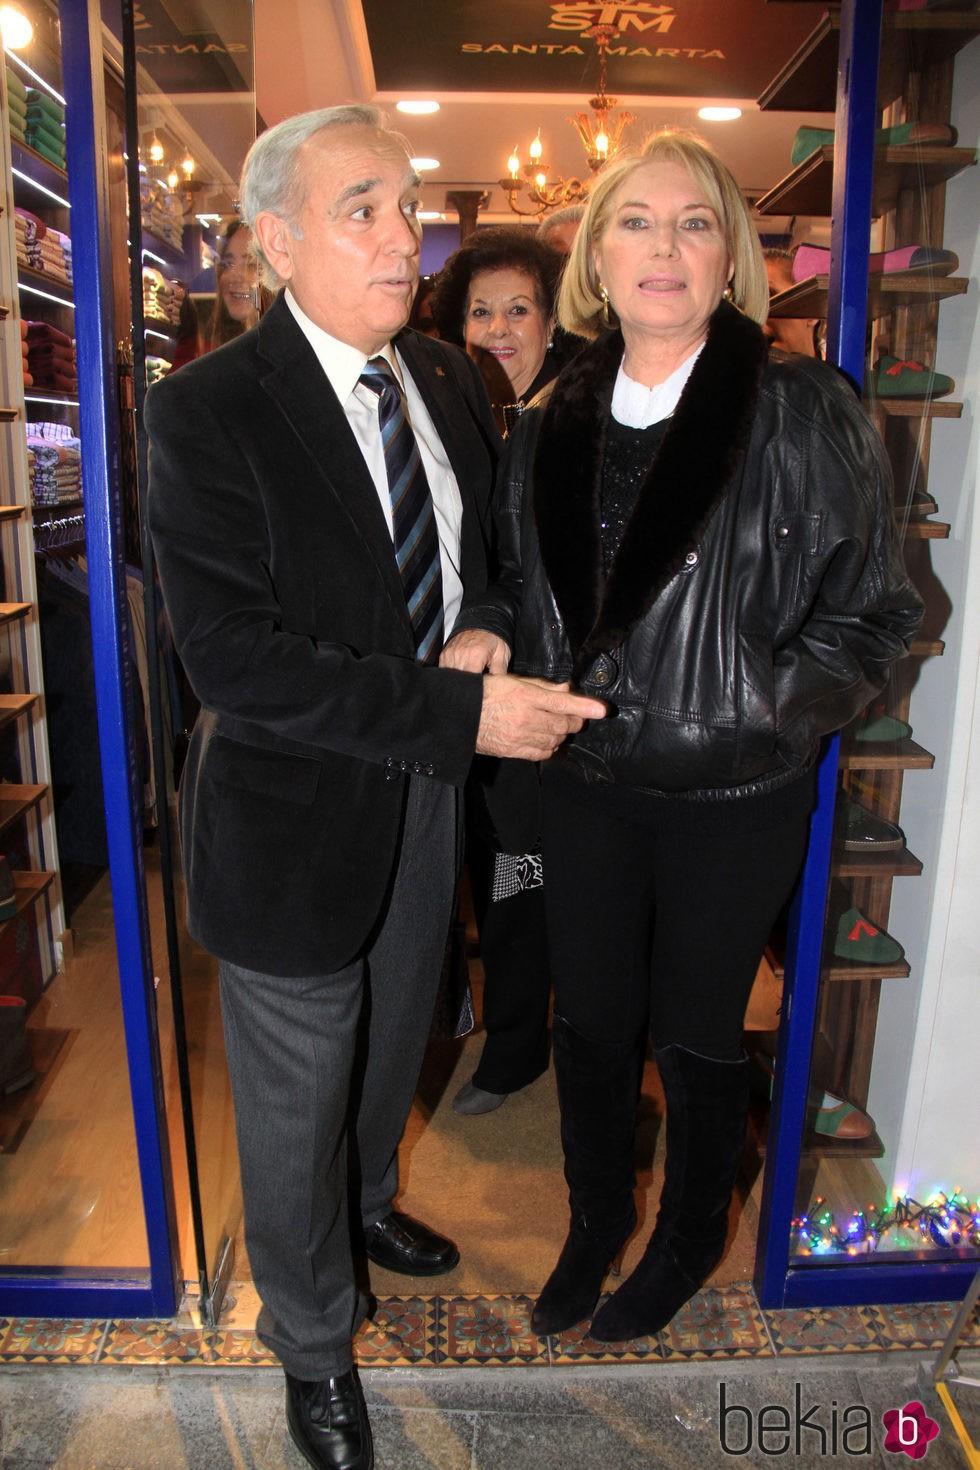 Gloria Mohedano y su marido José Antonio en la inauguración de la tienda de Gloria Camila en Sevilla